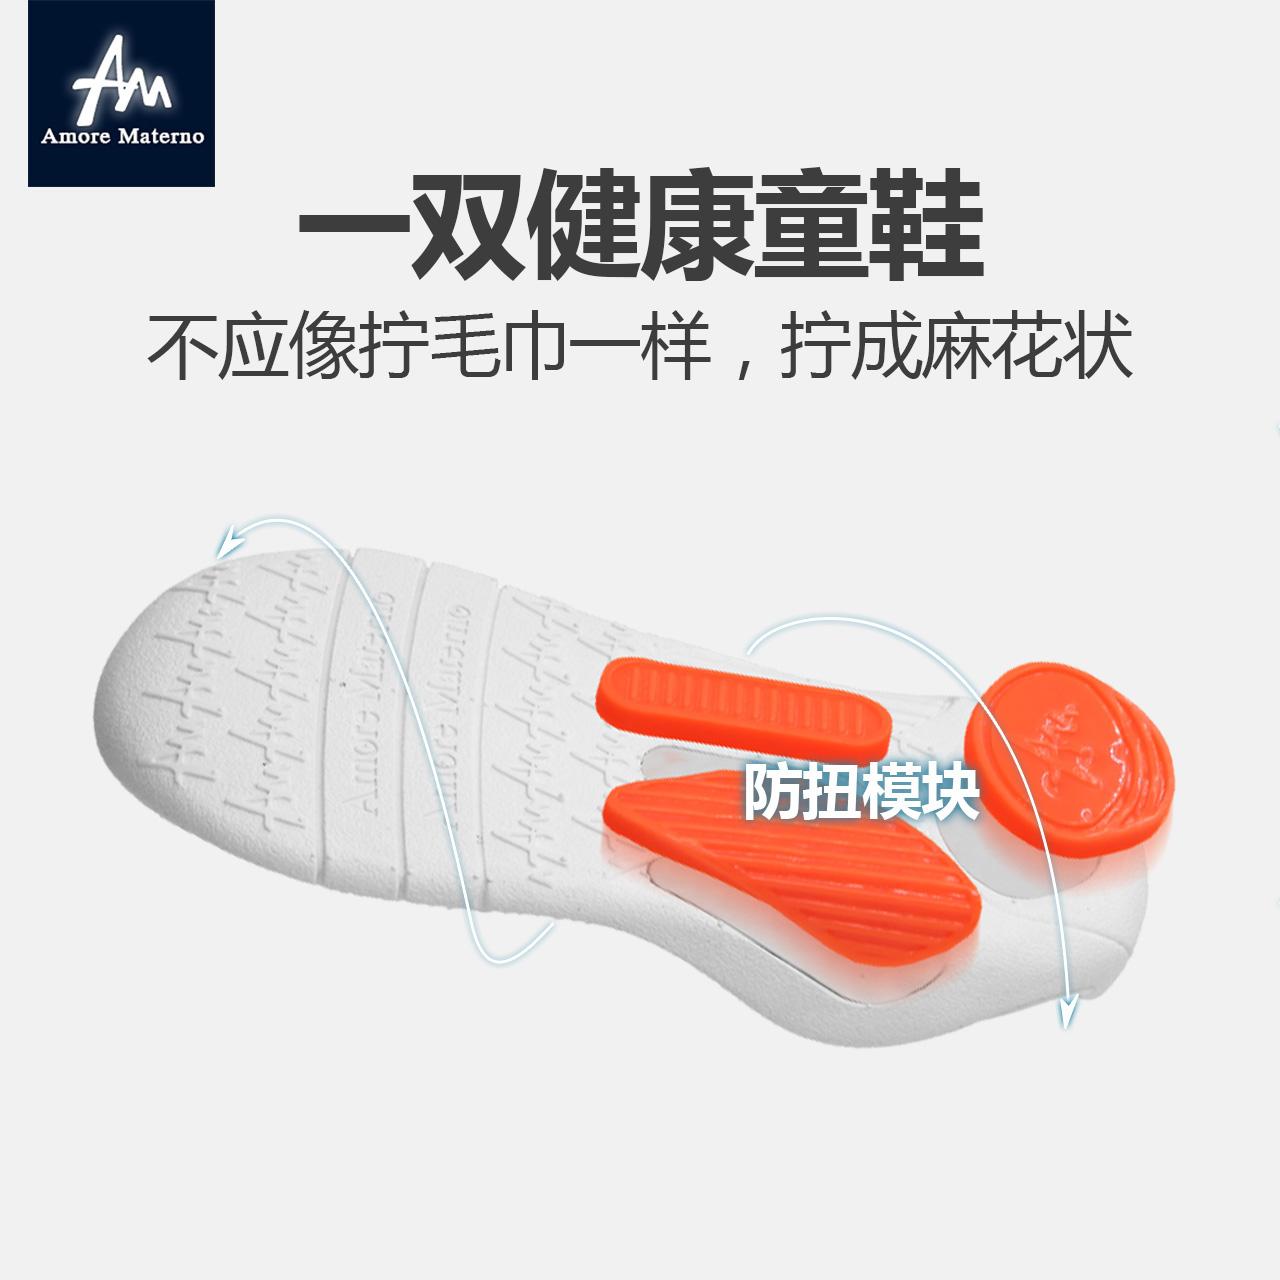 Детские ботинки с нескользящей подошвой Amore Materno amb001 1-3